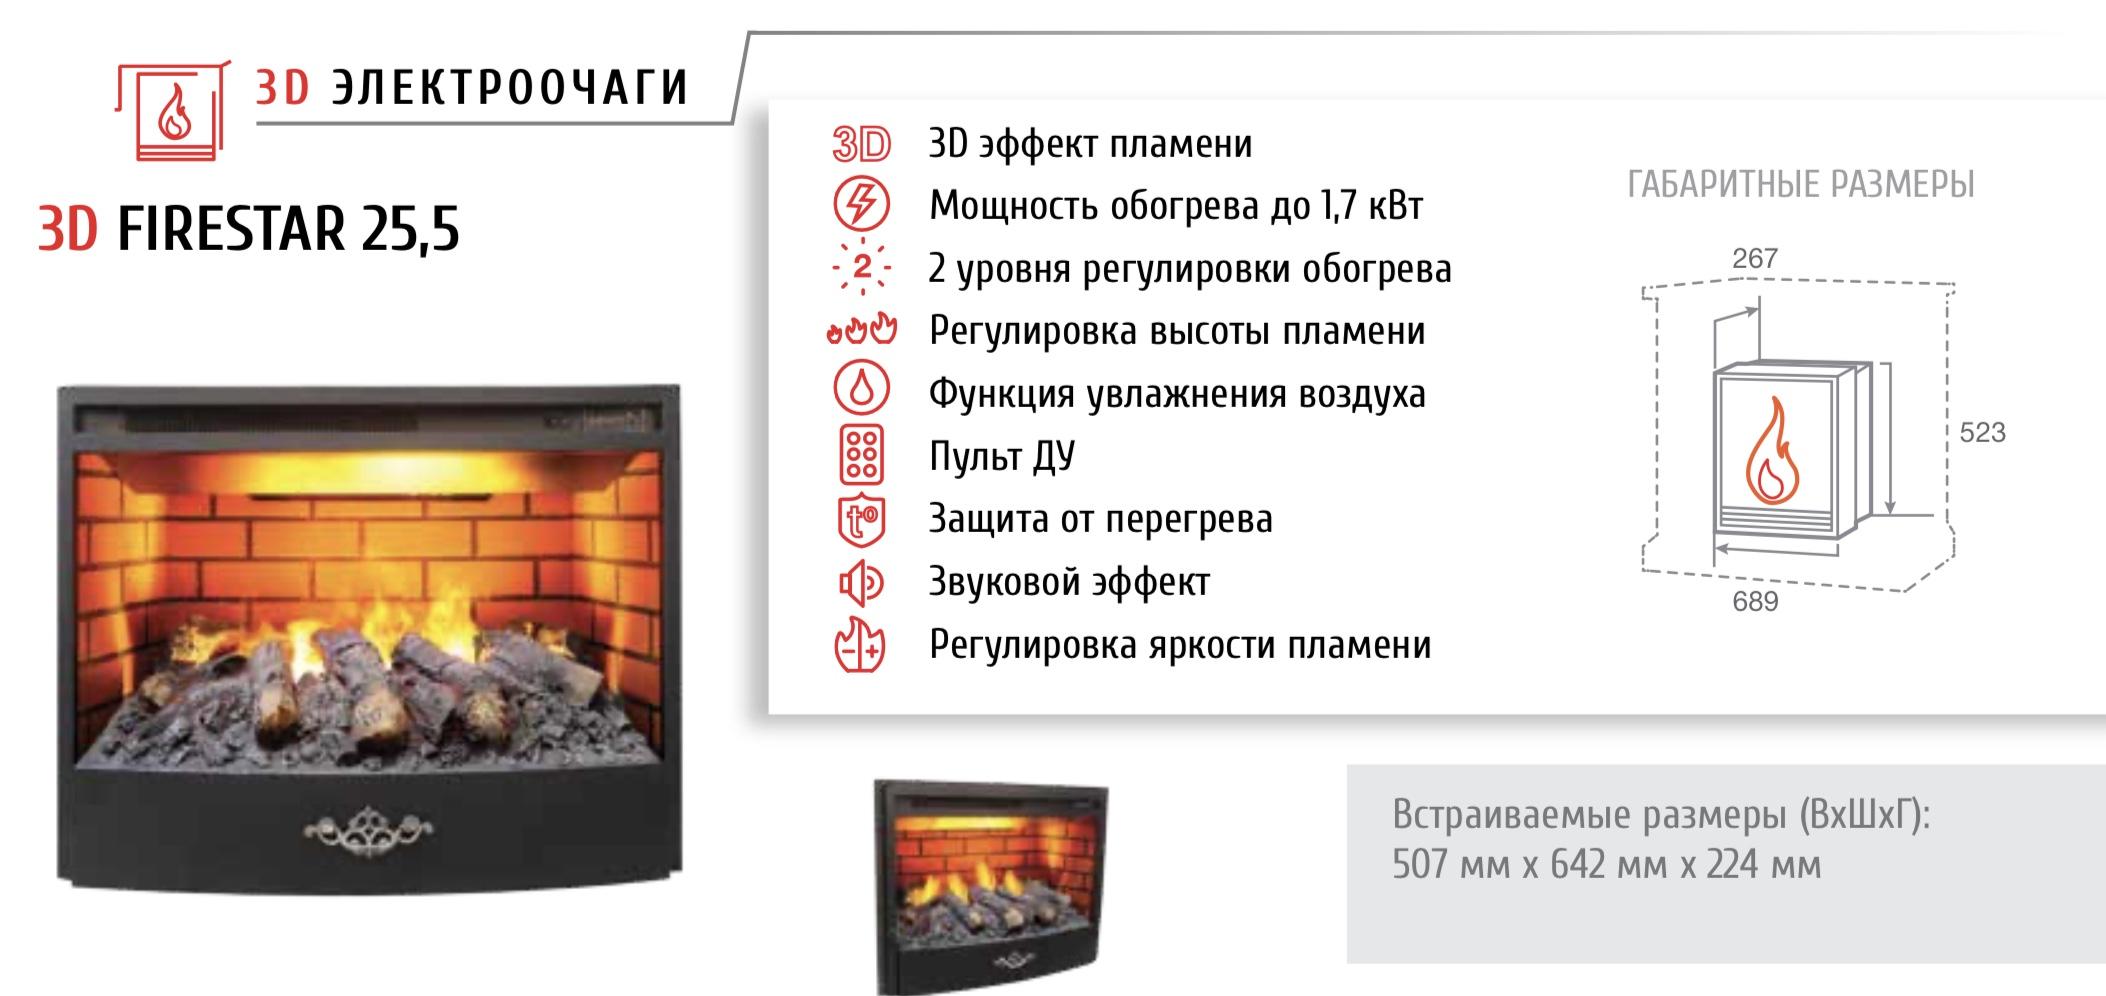 https://bio-kamin24.ru/images/upload/IMG_6531.png